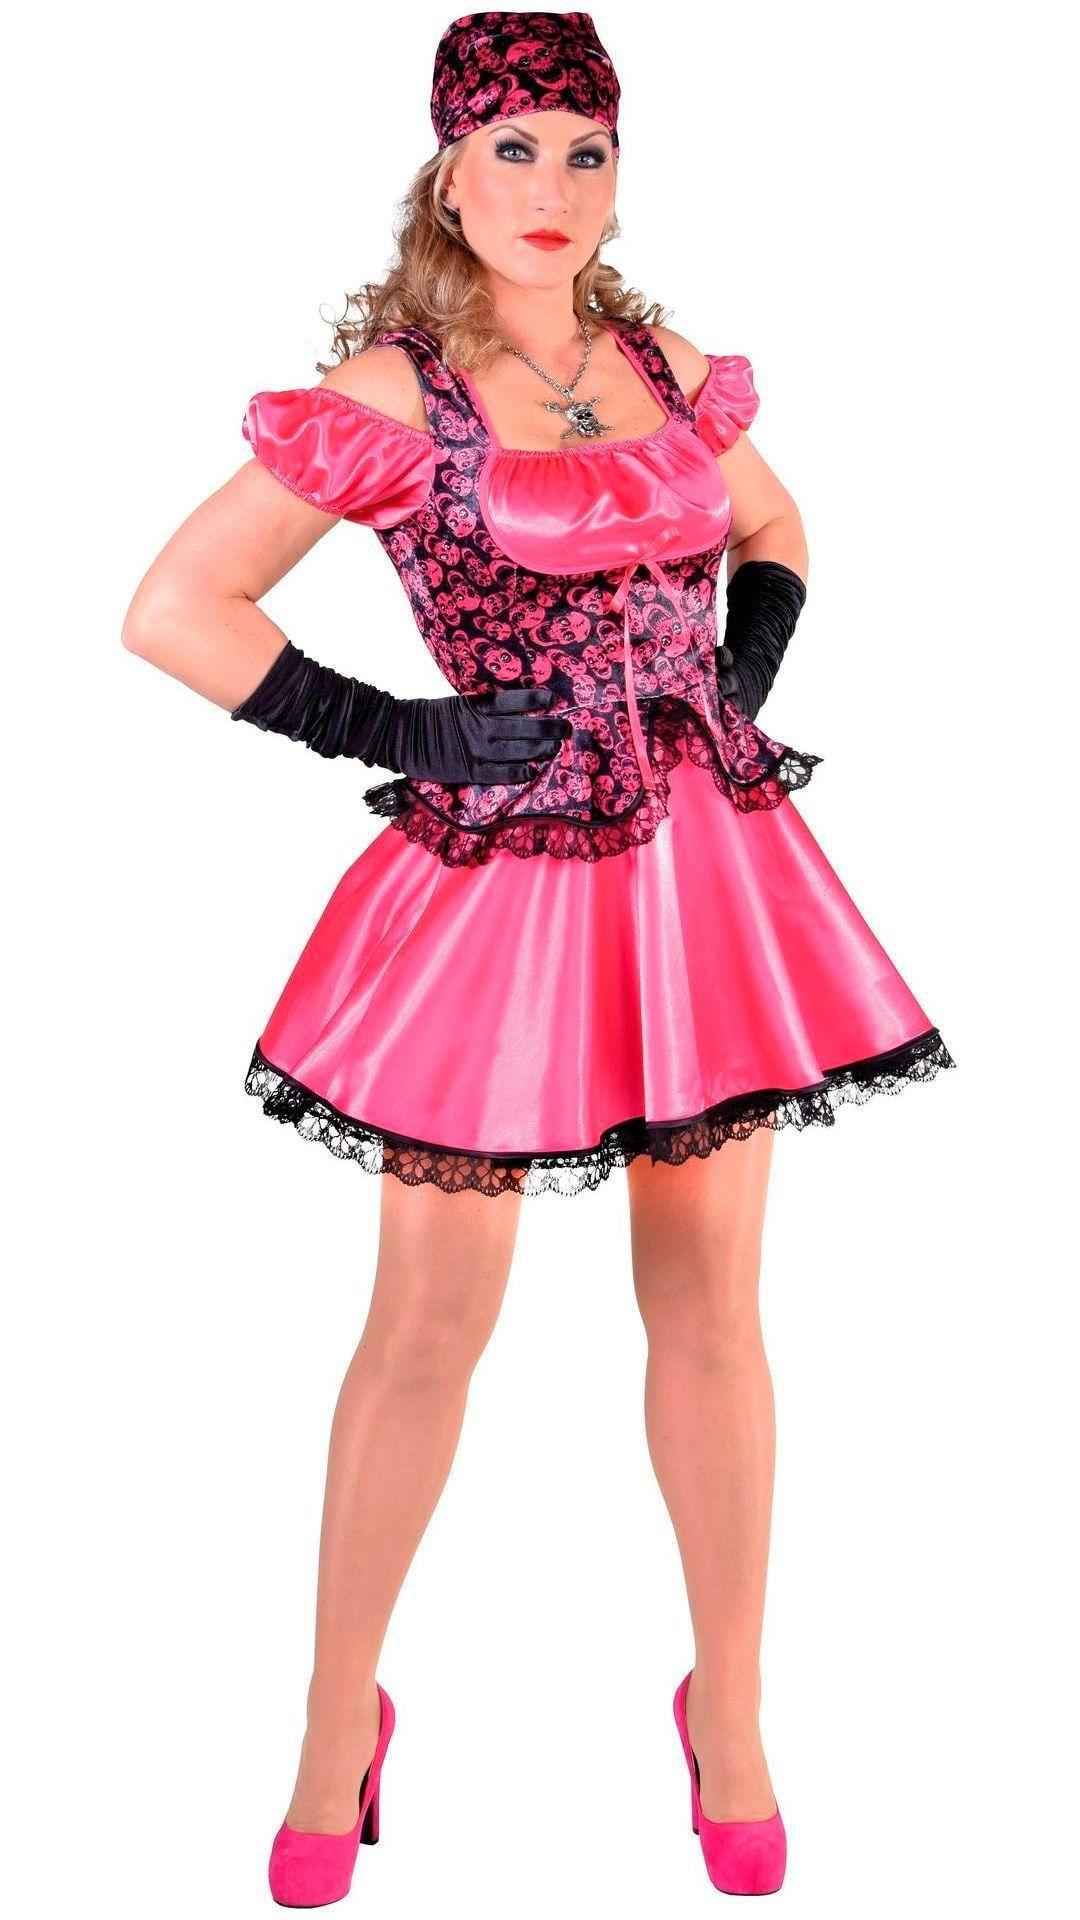 Roze piraten jurkje dames